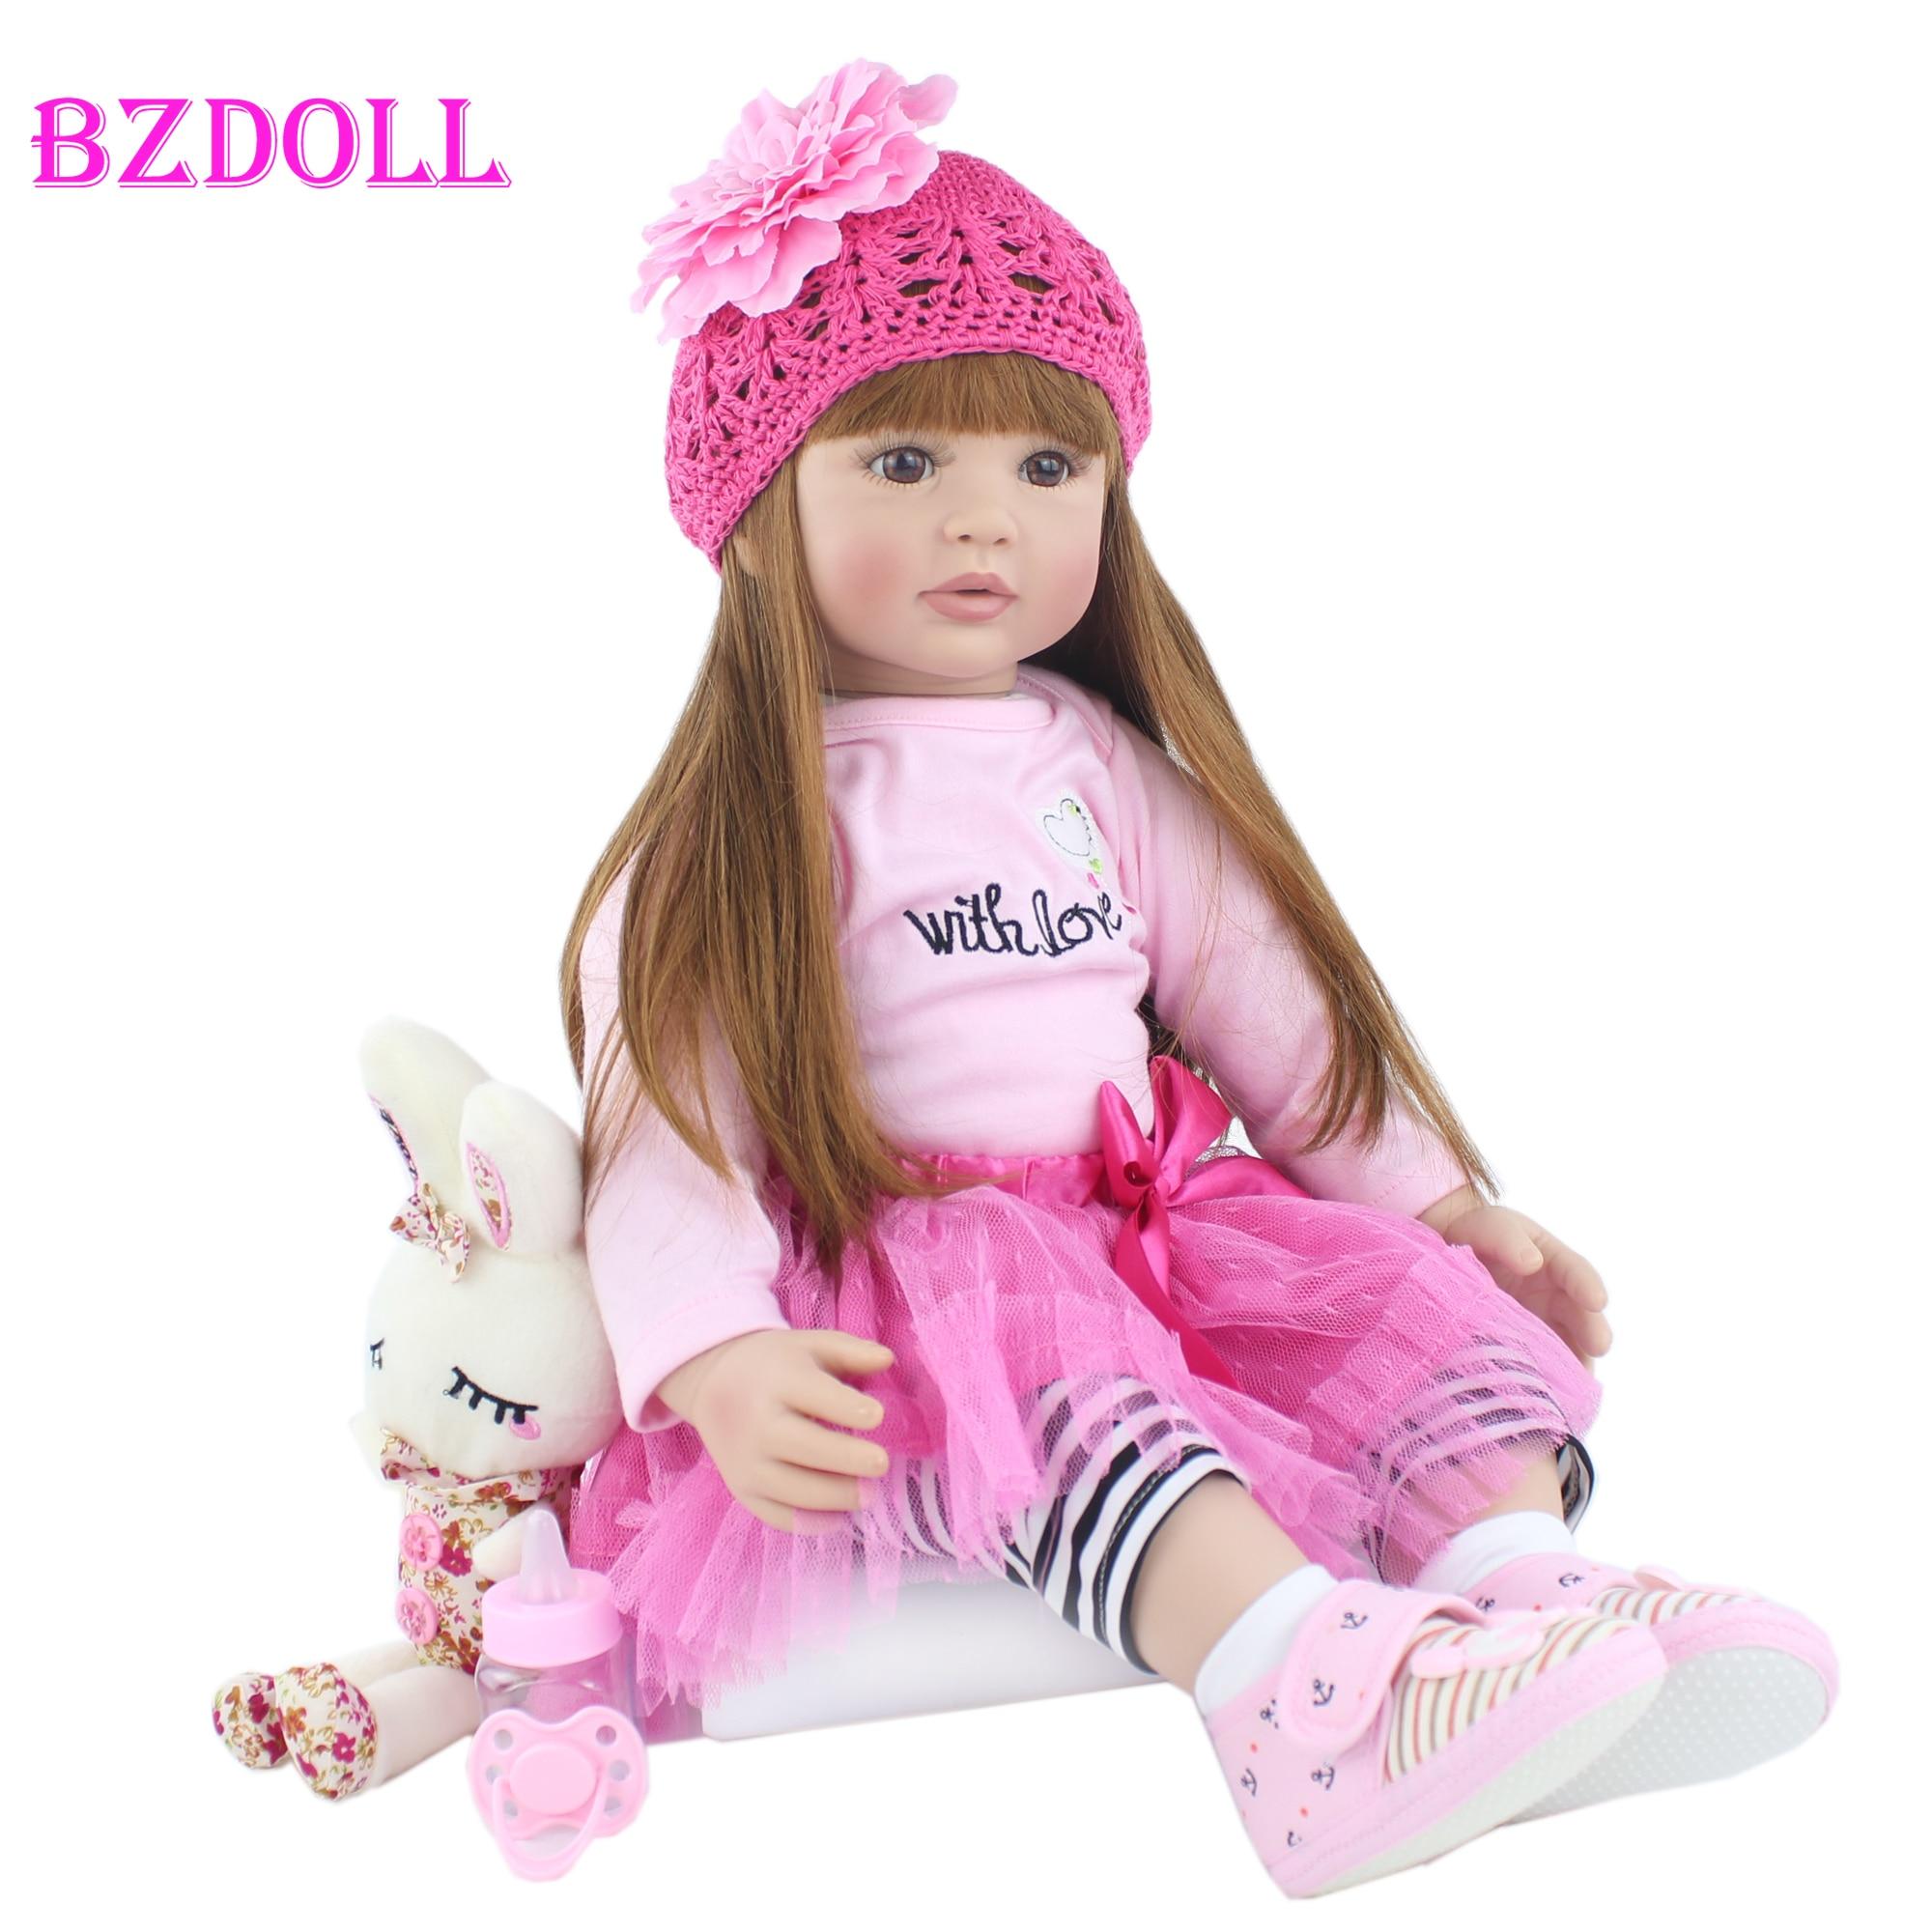 60cm Silikon Reborn Baby Puppe Spielzeug Realistische Vinyl Prinzessin Kleinkind Bebe Kind Geburtstag Geschenk Mädchen Babys Boneca Brinquedo